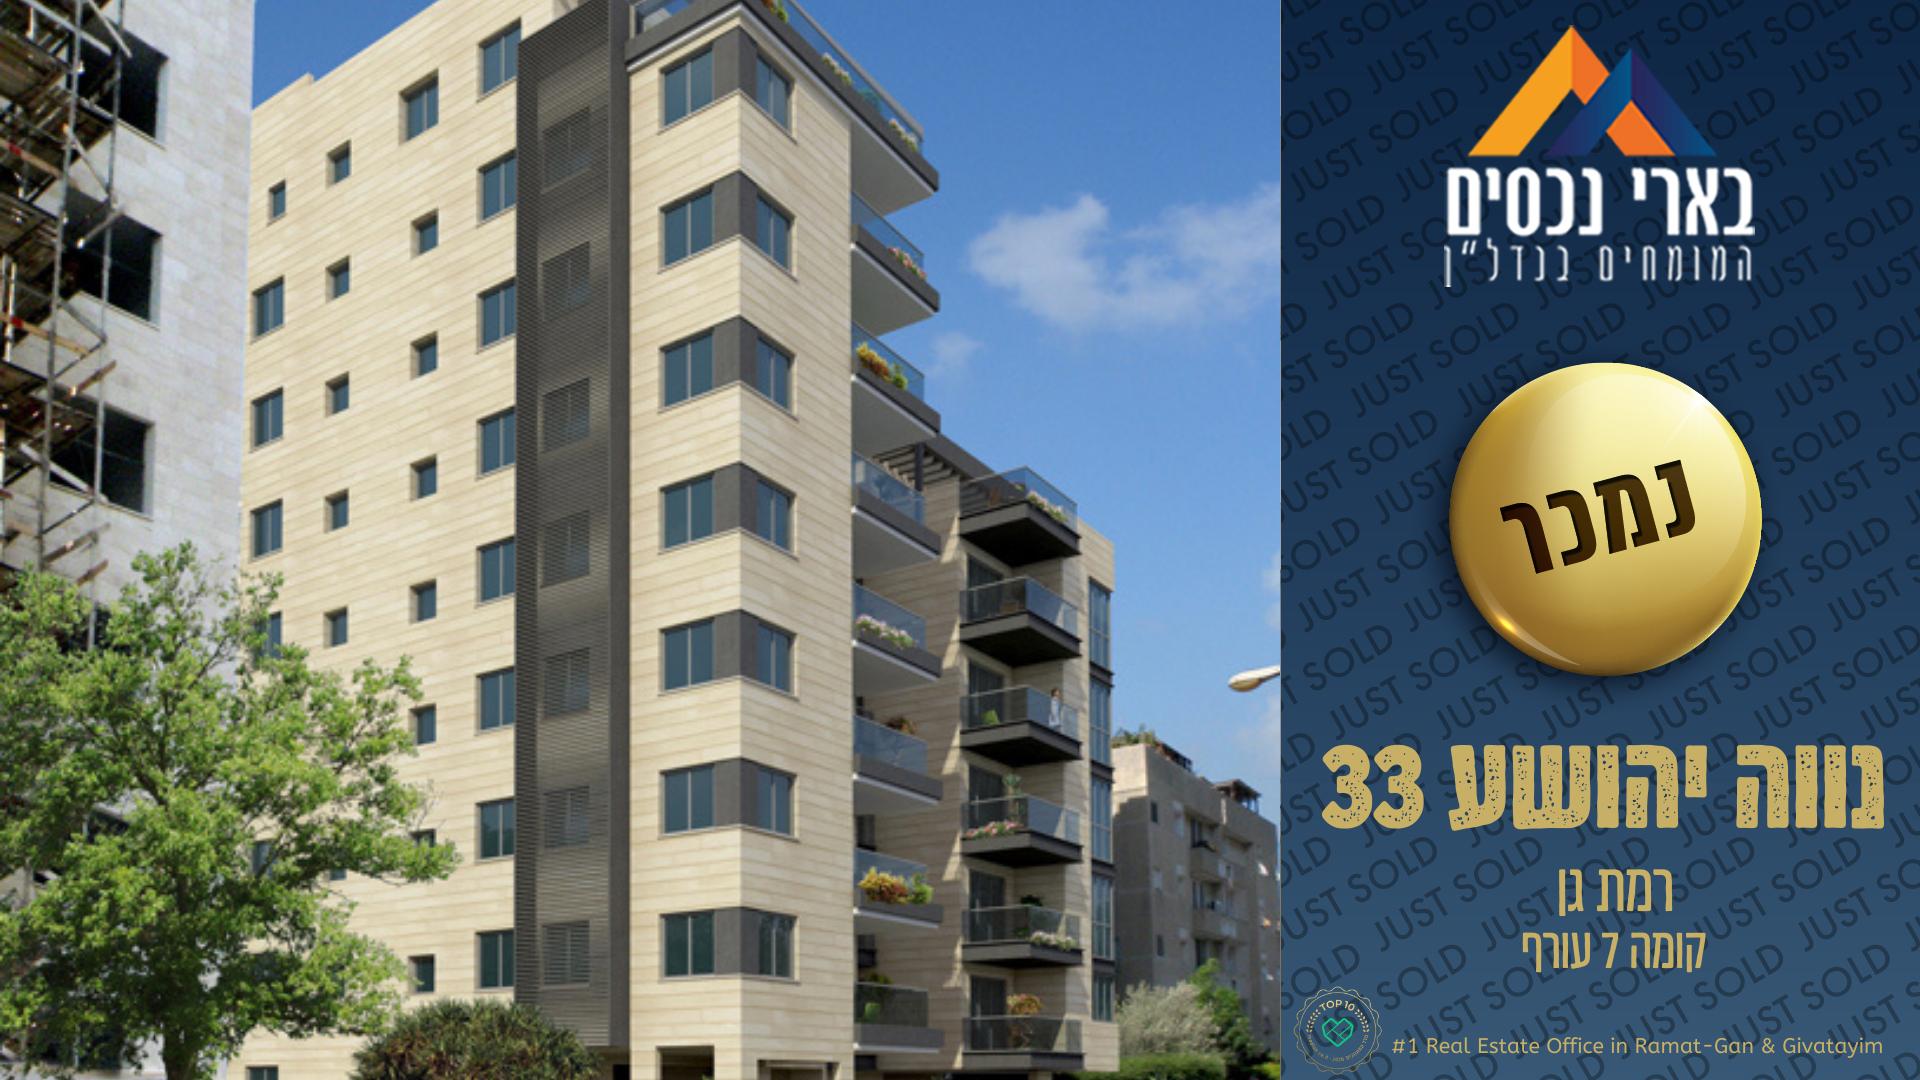 בפרויקט ״נווה יהושע 33״ – נמכרה דירת 4 חד׳ בקומה 7 עורפית